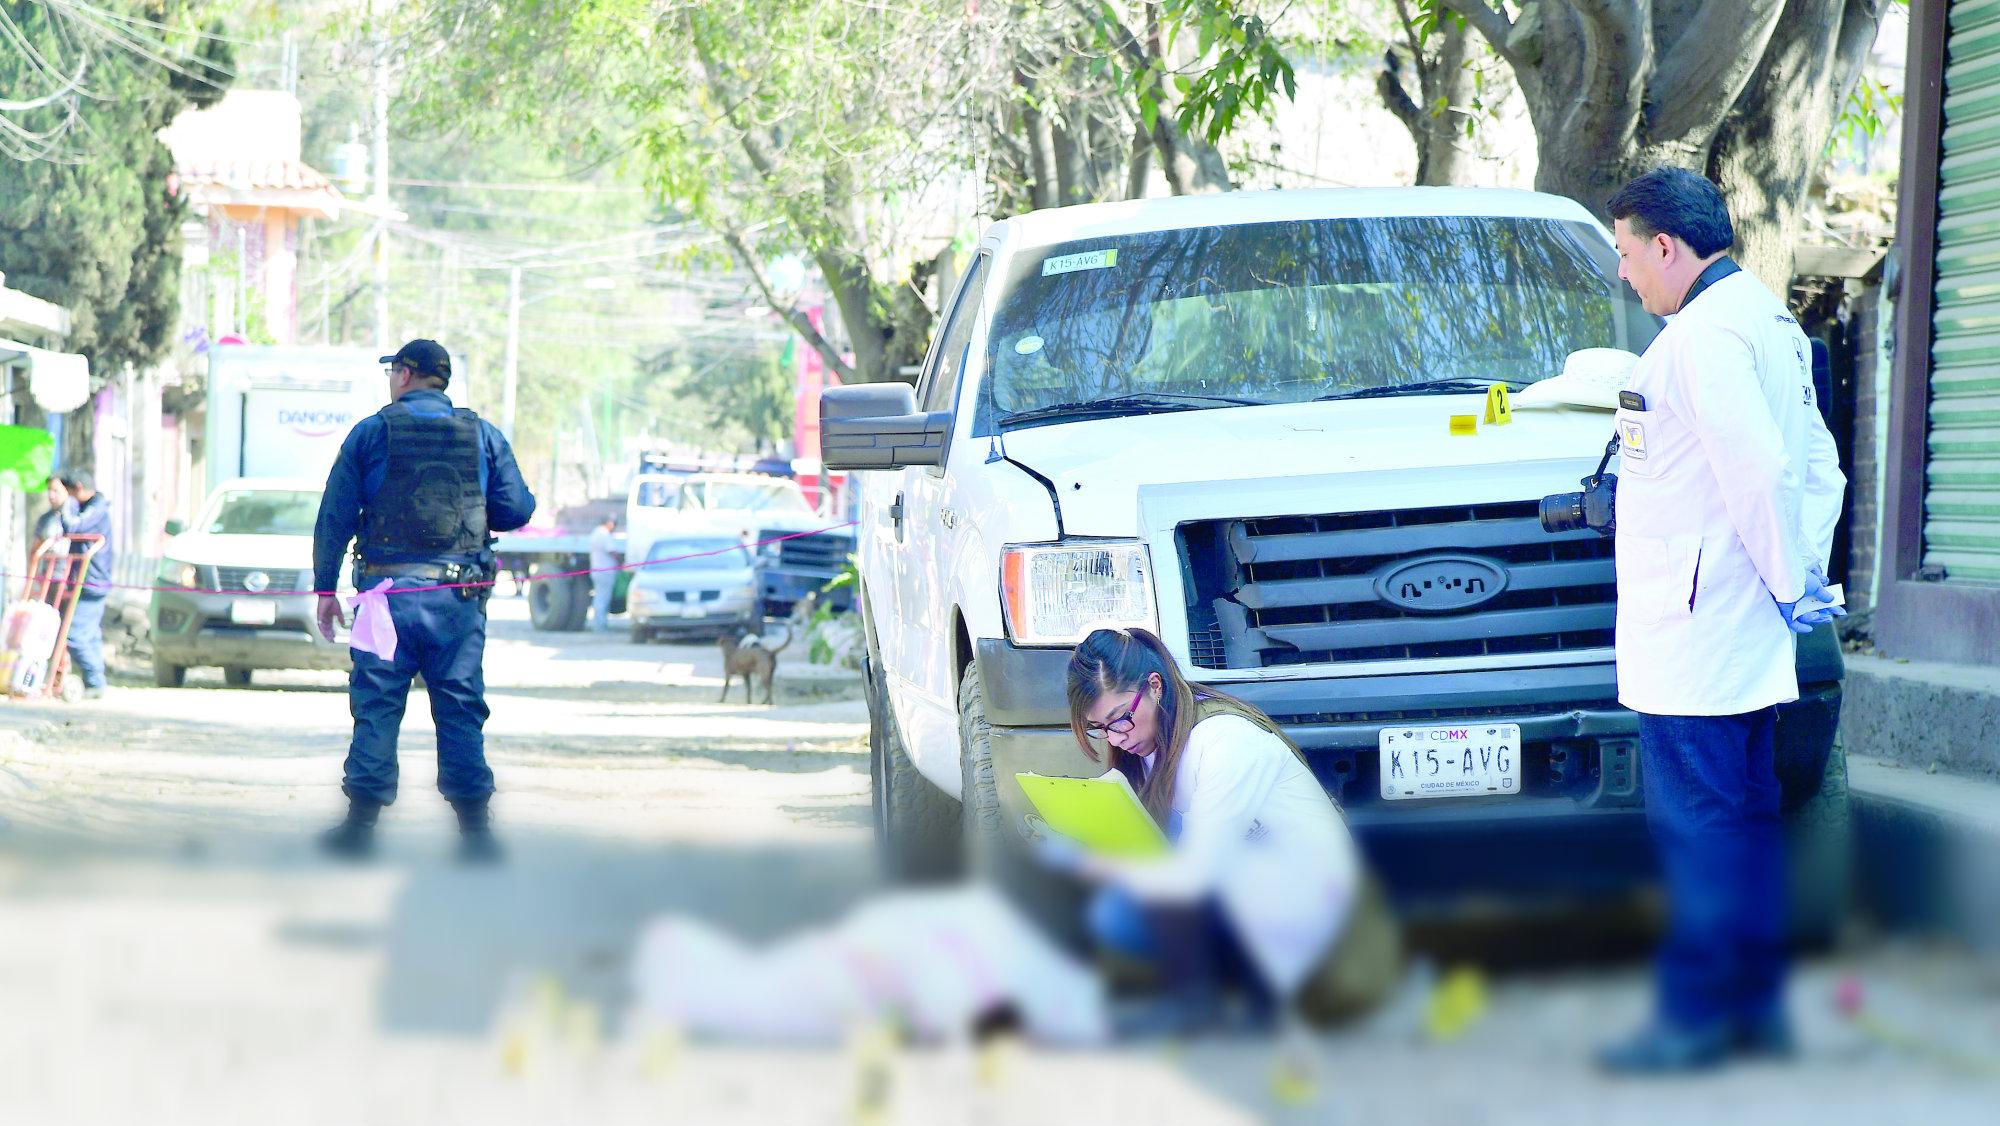 2018 violento crimen organizado México